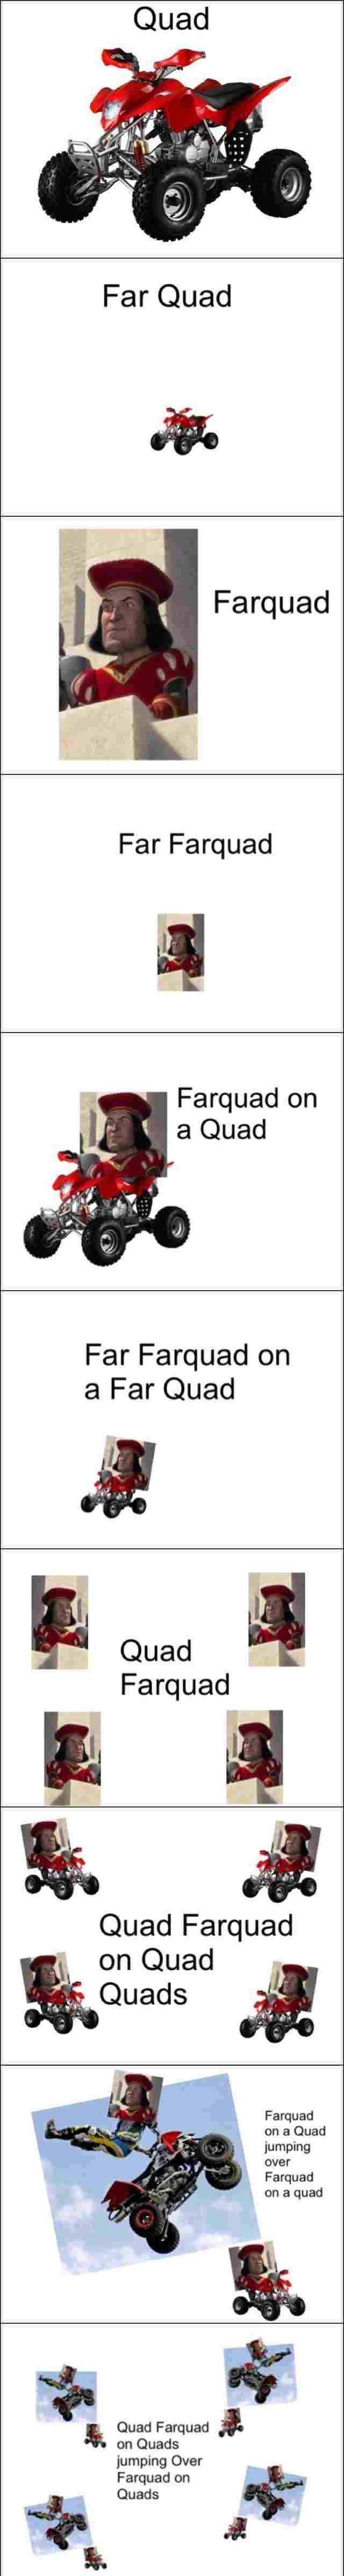 Quad Meme Farquad and Qua...